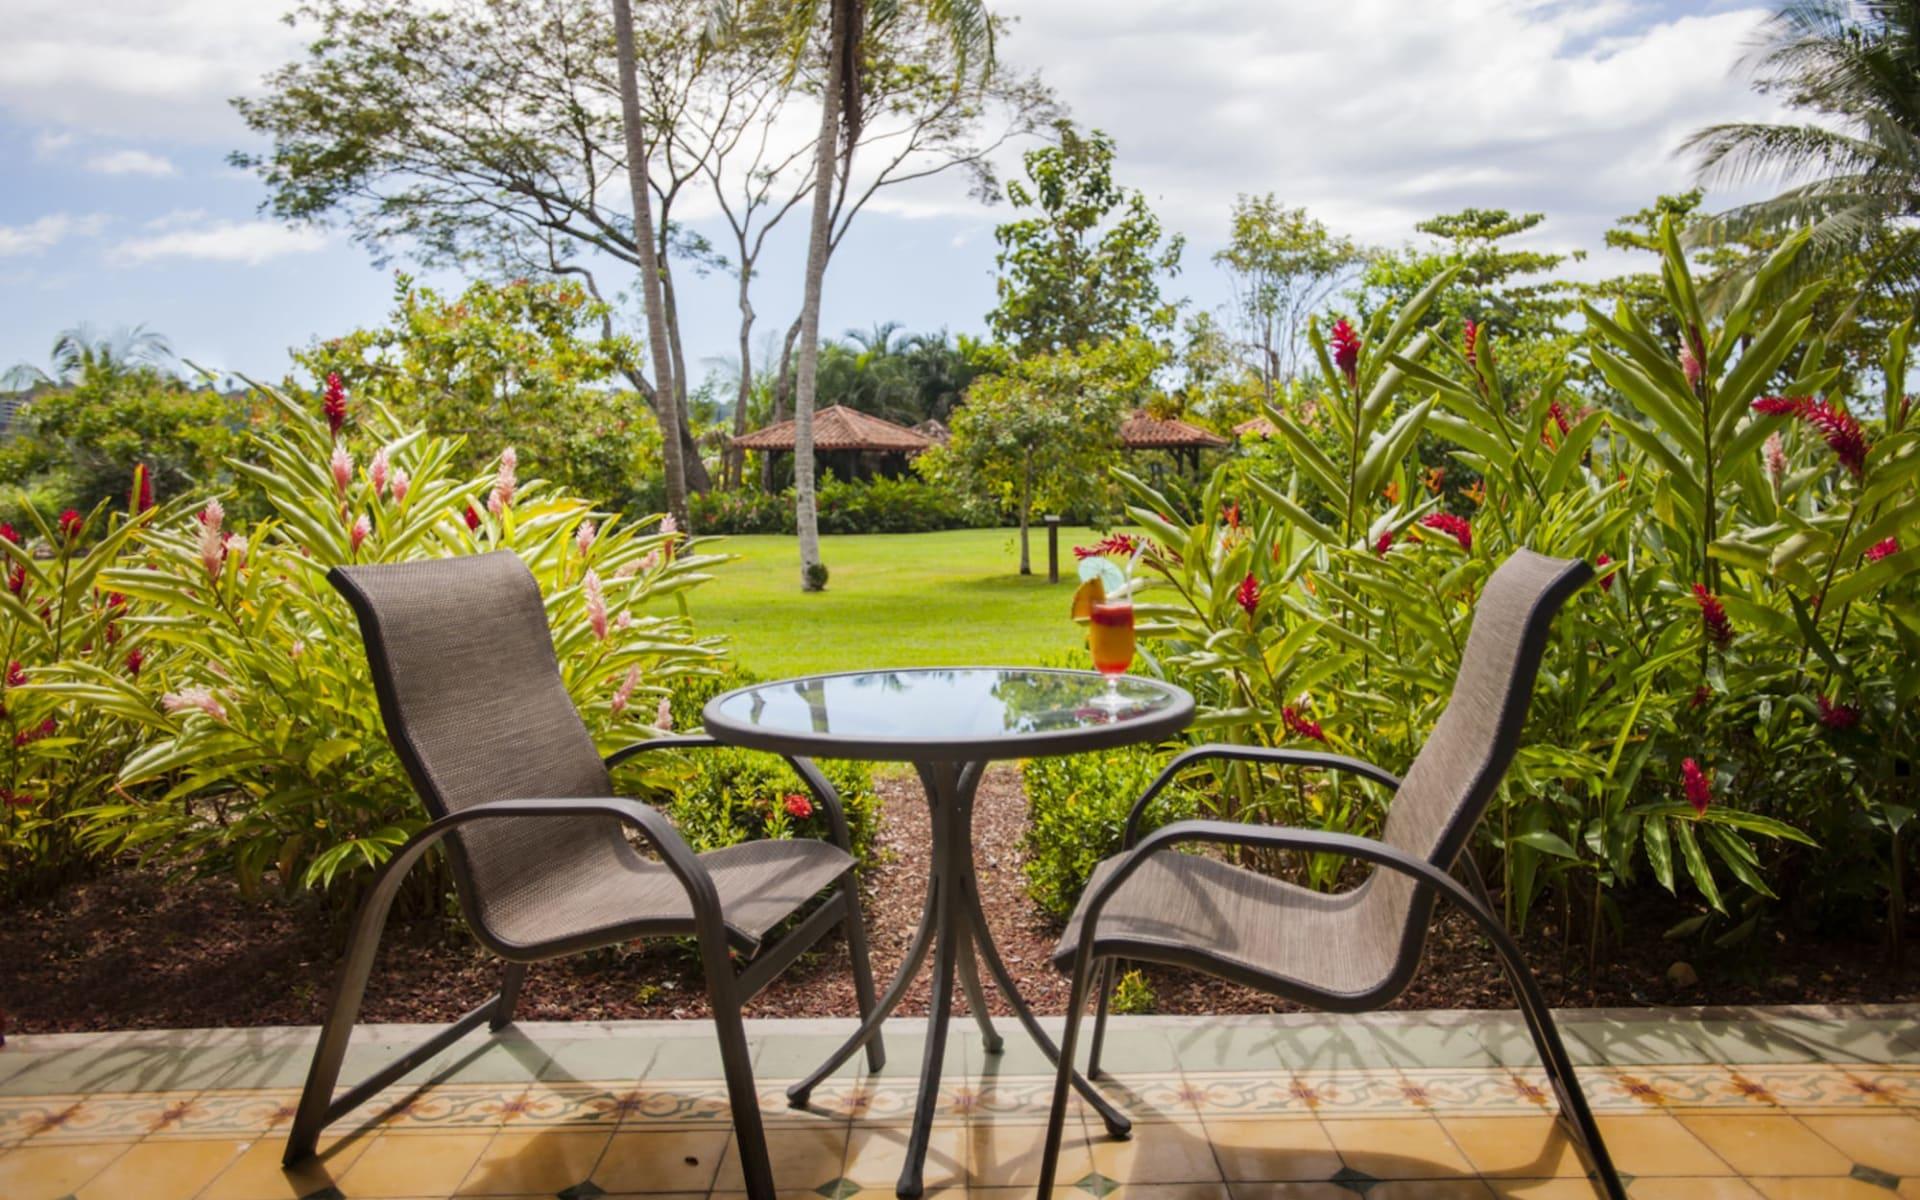 Los Sueños Marriott Ocean & Golf Resort in Herradura:  LosSueñosMarriott Garden 2